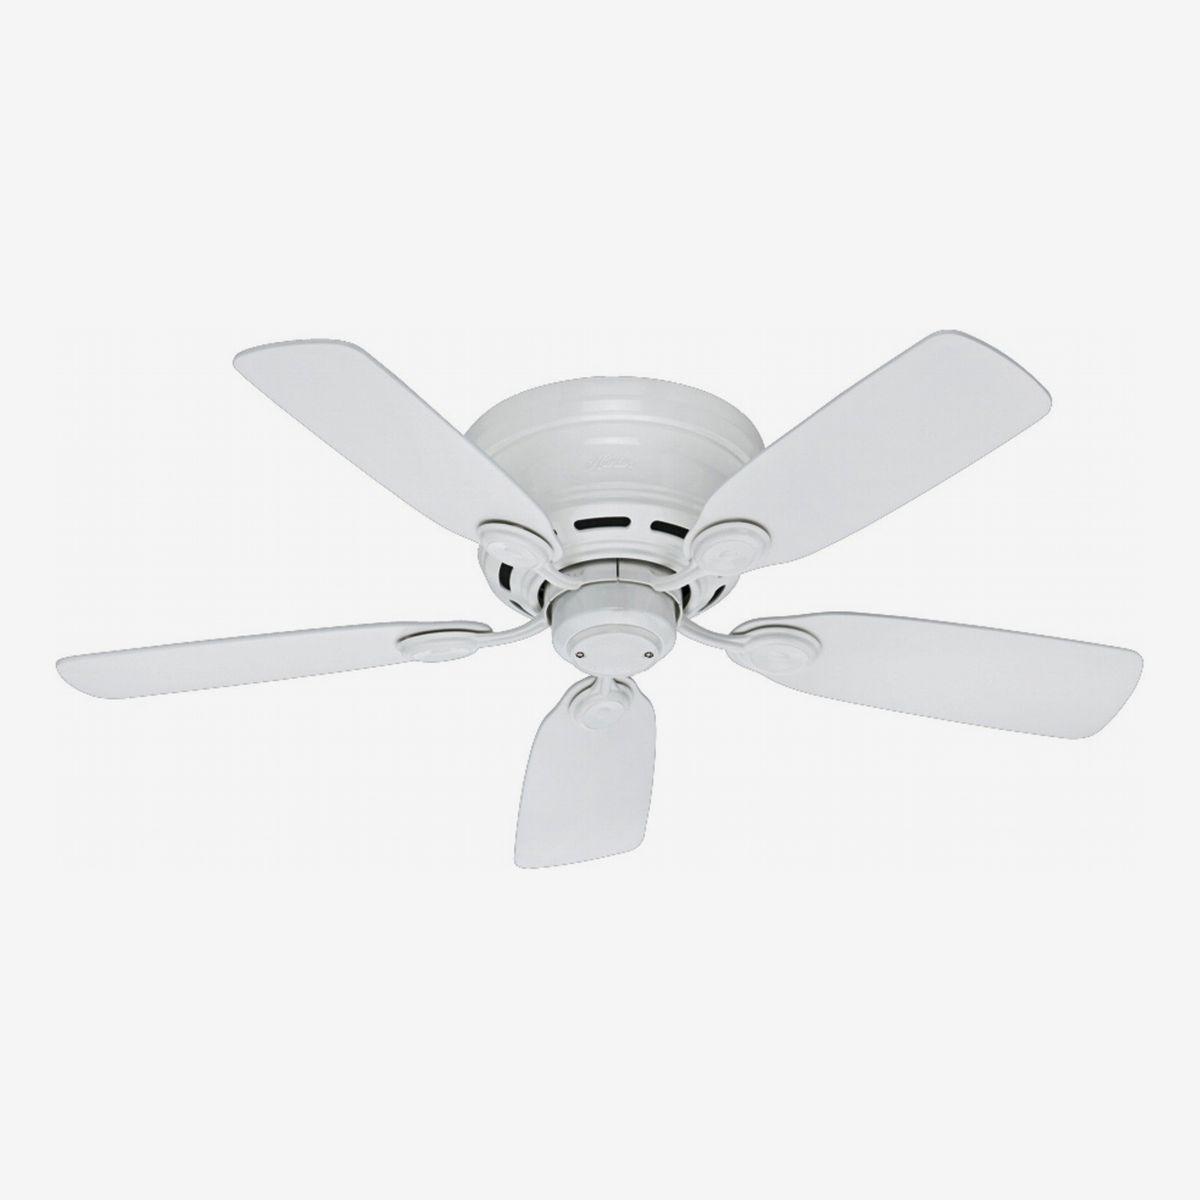 Low Profile Ceiling Fan No Light 2021